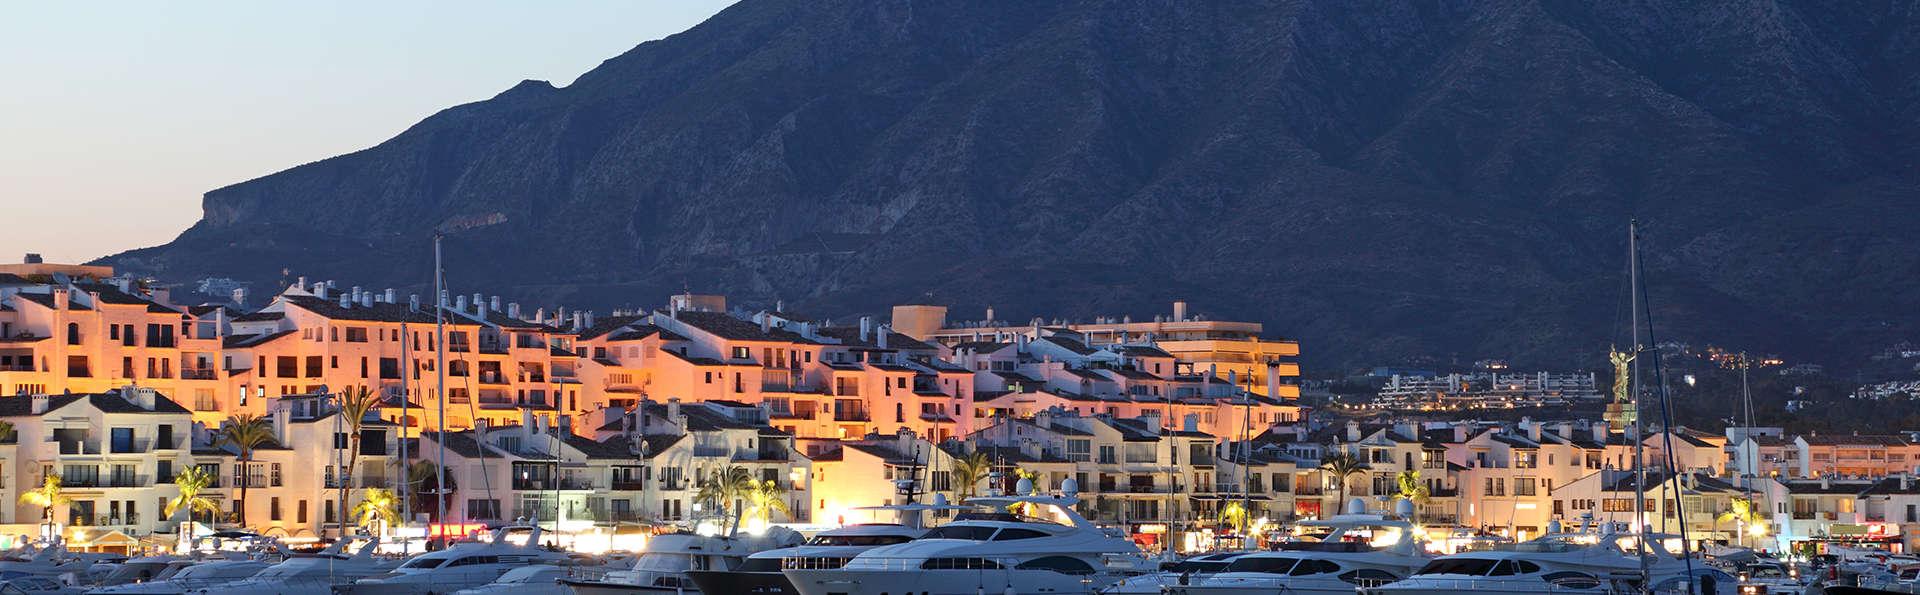 Paloma Blanca Boutique Hotel - Edit_Marbella2.jpg